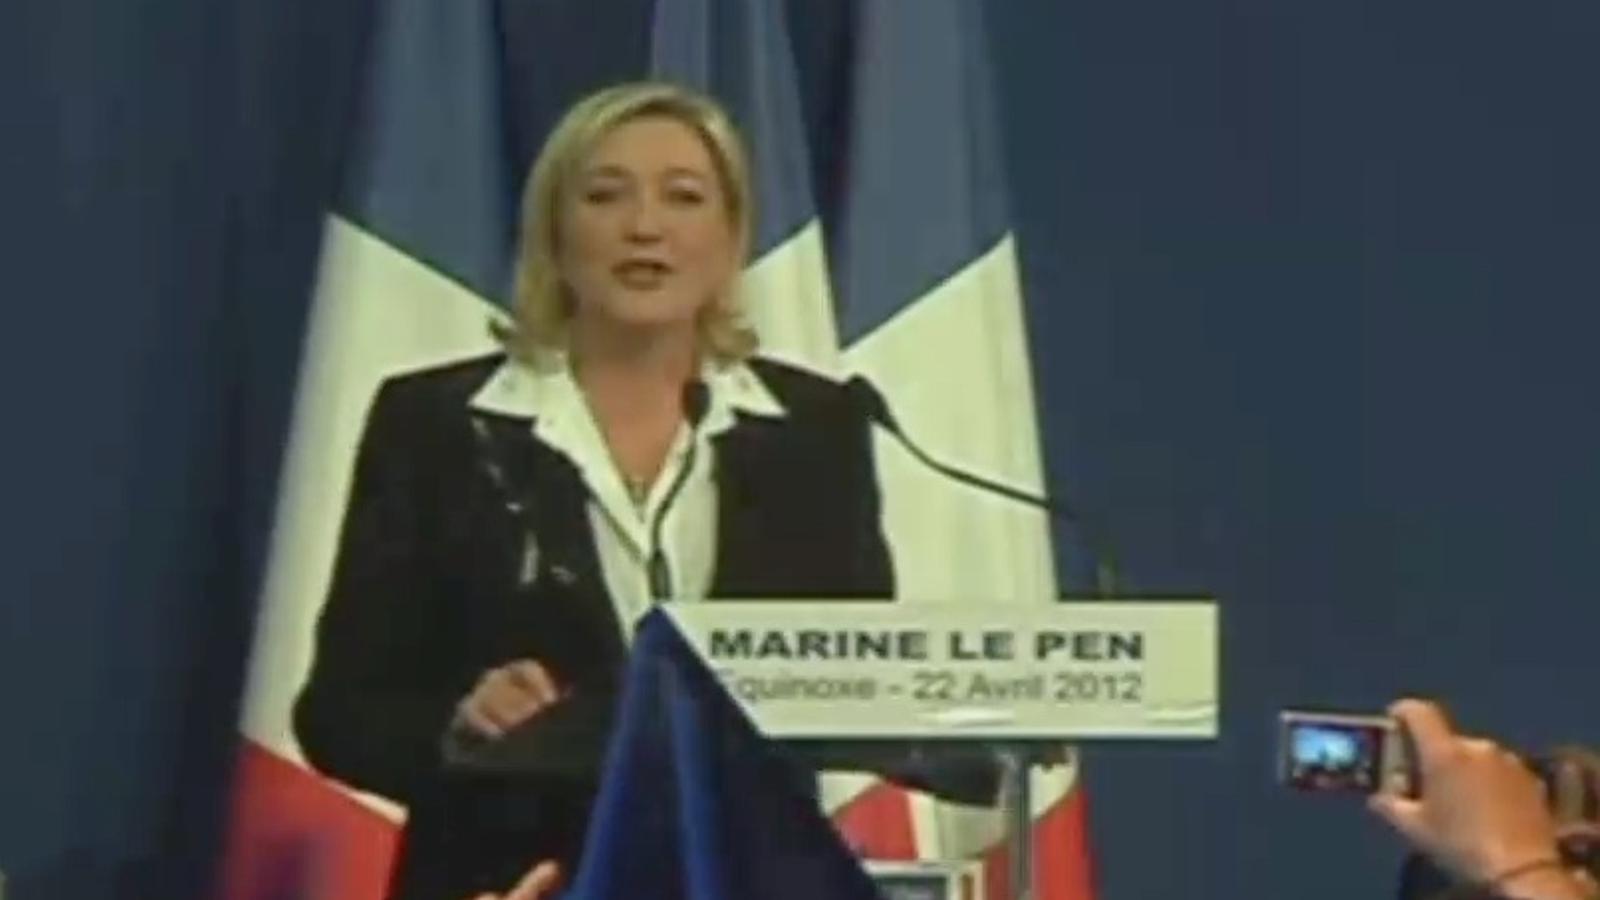 Hollande i Sarkozy es veuran les cares a la segona volta de les presidencials franceses, malgrat la sorpresa de la ultradreta